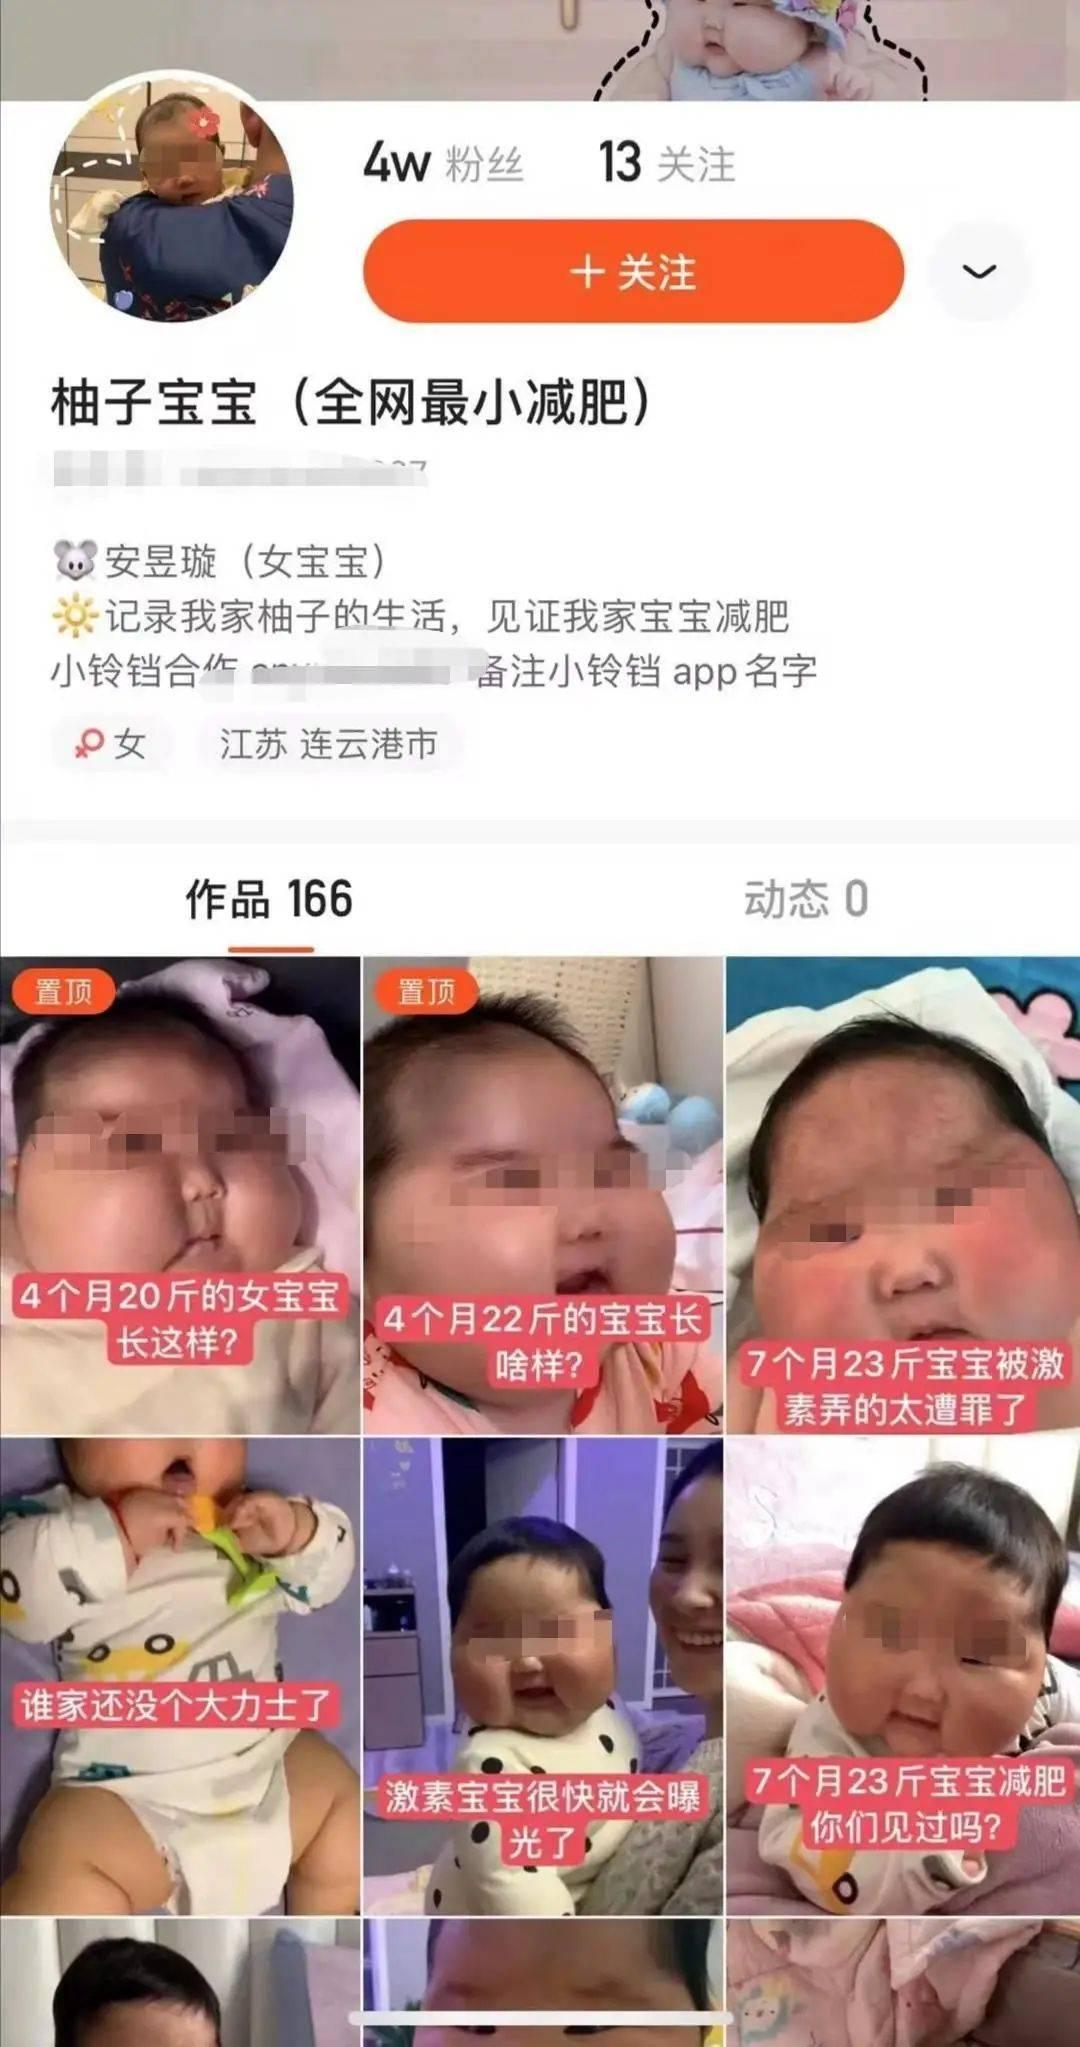 """5个月女婴抹抑菌霜后变""""大头娃娃""""?厂商质疑家长炒作!官方通报来了→  第19张"""